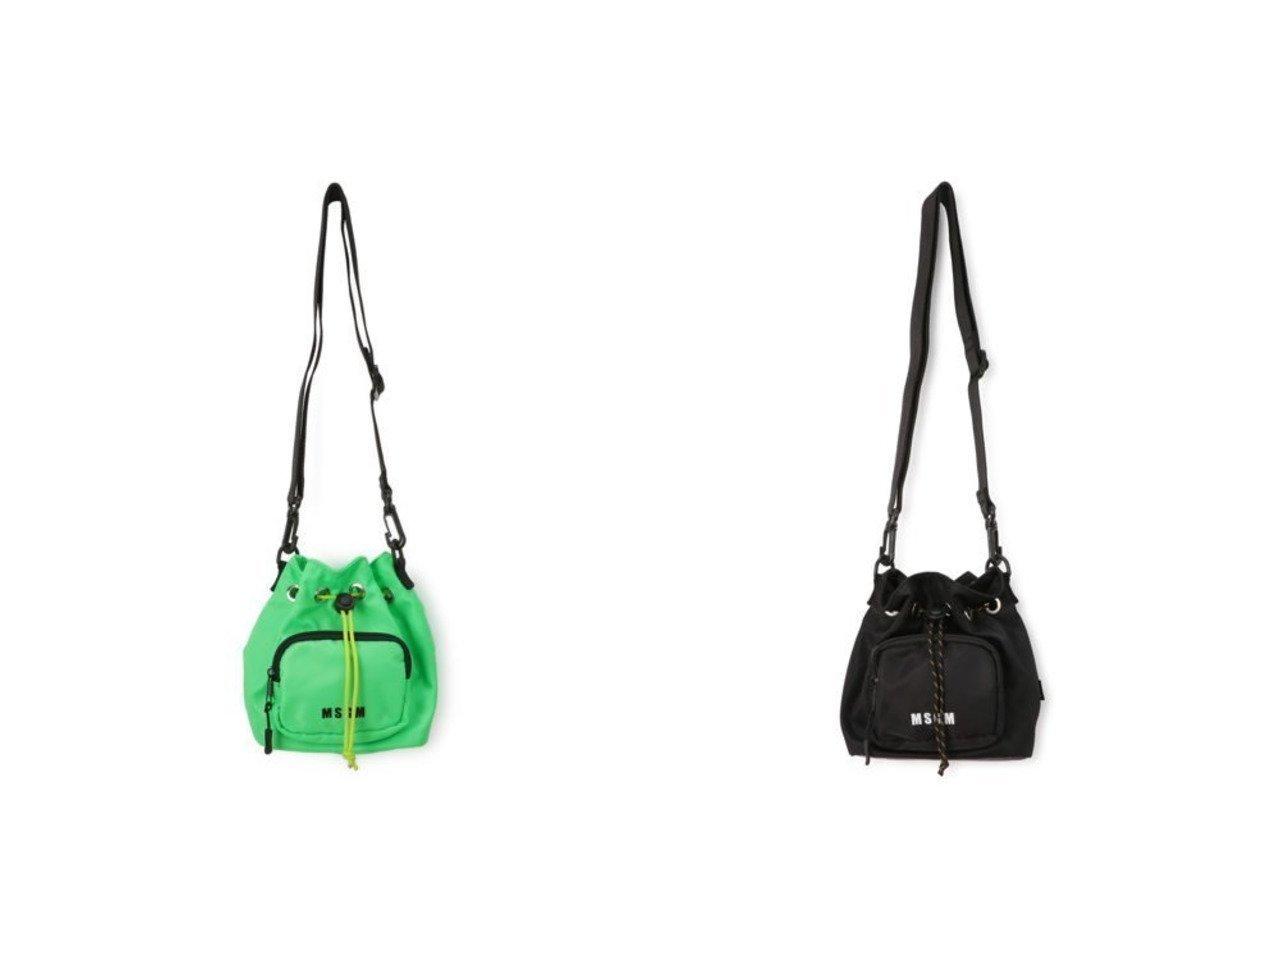 【MSGM/エムエスジーエム】のMINI SHOULDER BAG 【バッグ・鞄】おすすめ!人気、トレンド・レディースファッションの通販 おすすめで人気の流行・トレンド、ファッションの通販商品 メンズファッション・キッズファッション・インテリア・家具・レディースファッション・服の通販 founy(ファニー) https://founy.com/ ファッション Fashion レディースファッション WOMEN バッグ Bag 2021年 2021 2021春夏・S/S SS/Spring/Summer/2021 S/S・春夏 SS・Spring/Summer ショルダー トレンド ドローコード フォルム フロント プリント 巾着 |ID:crp329100000027868